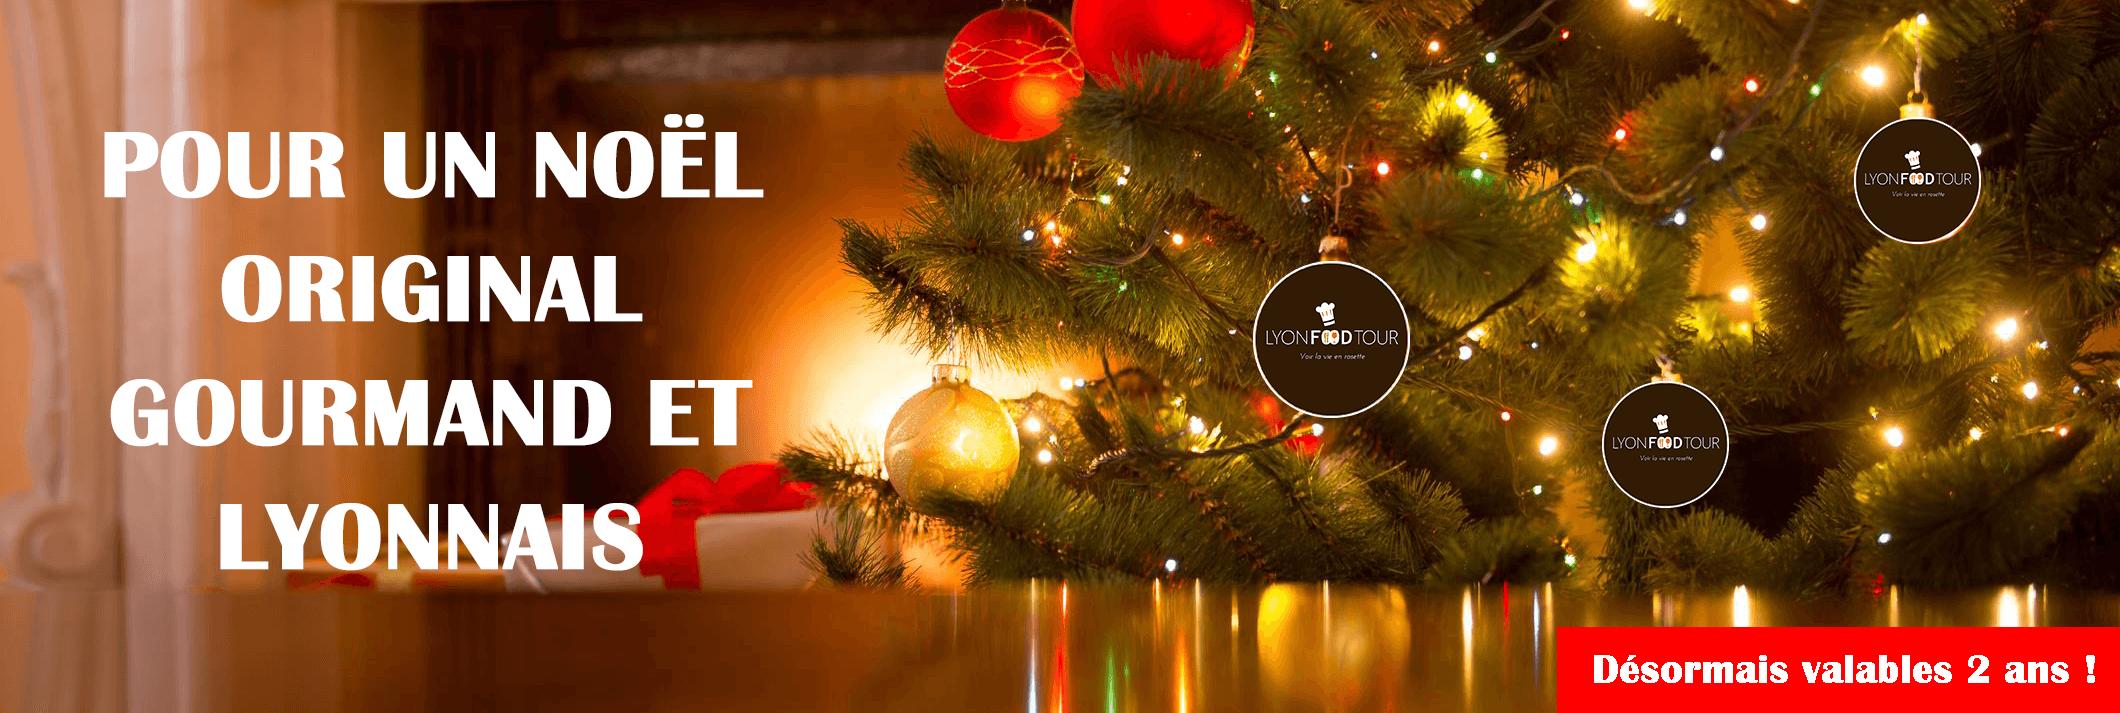 Réservez vos bons cadeaux de Noël